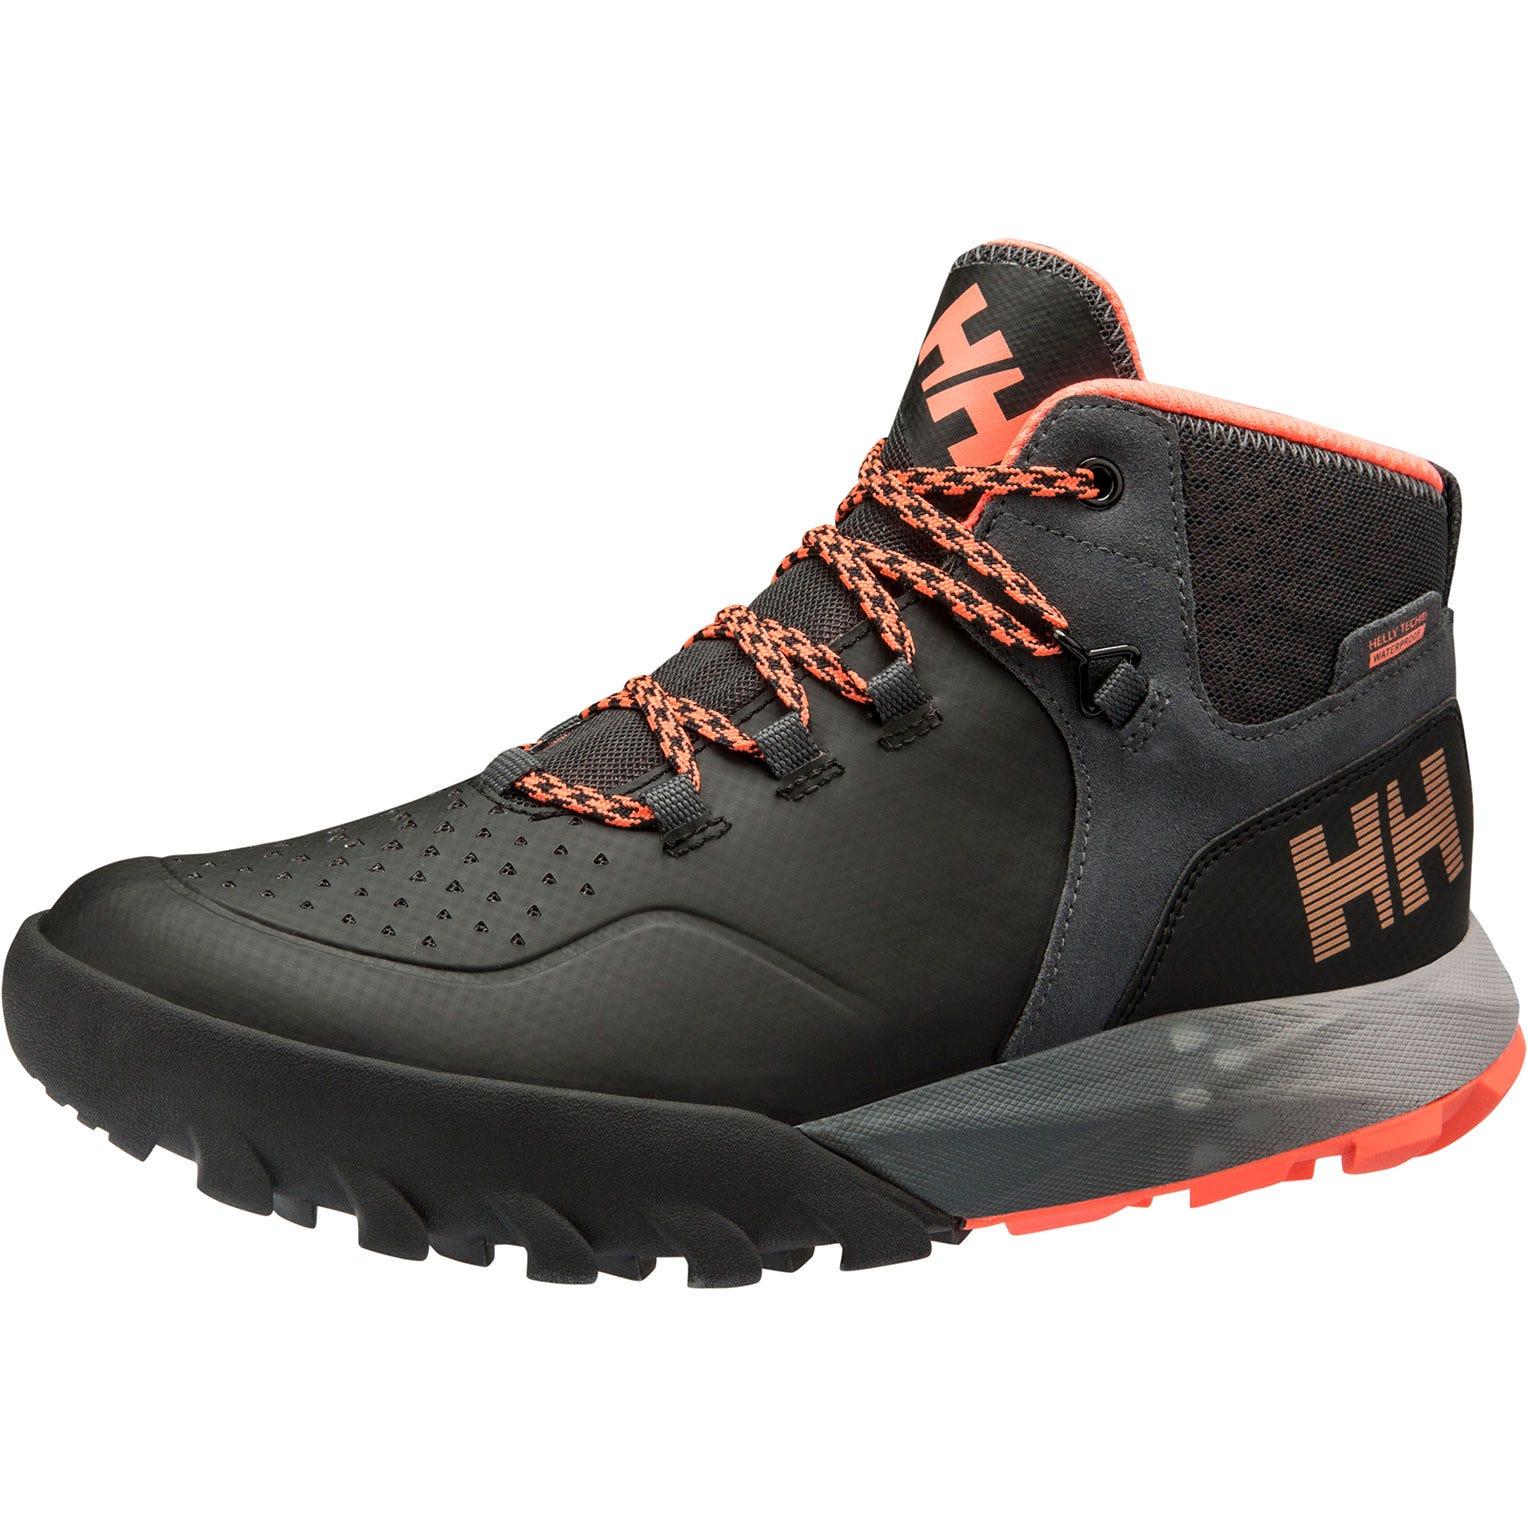 Helly Hansen W Loke Rambler Ht Womens Hiking Boot Black 40/8.5